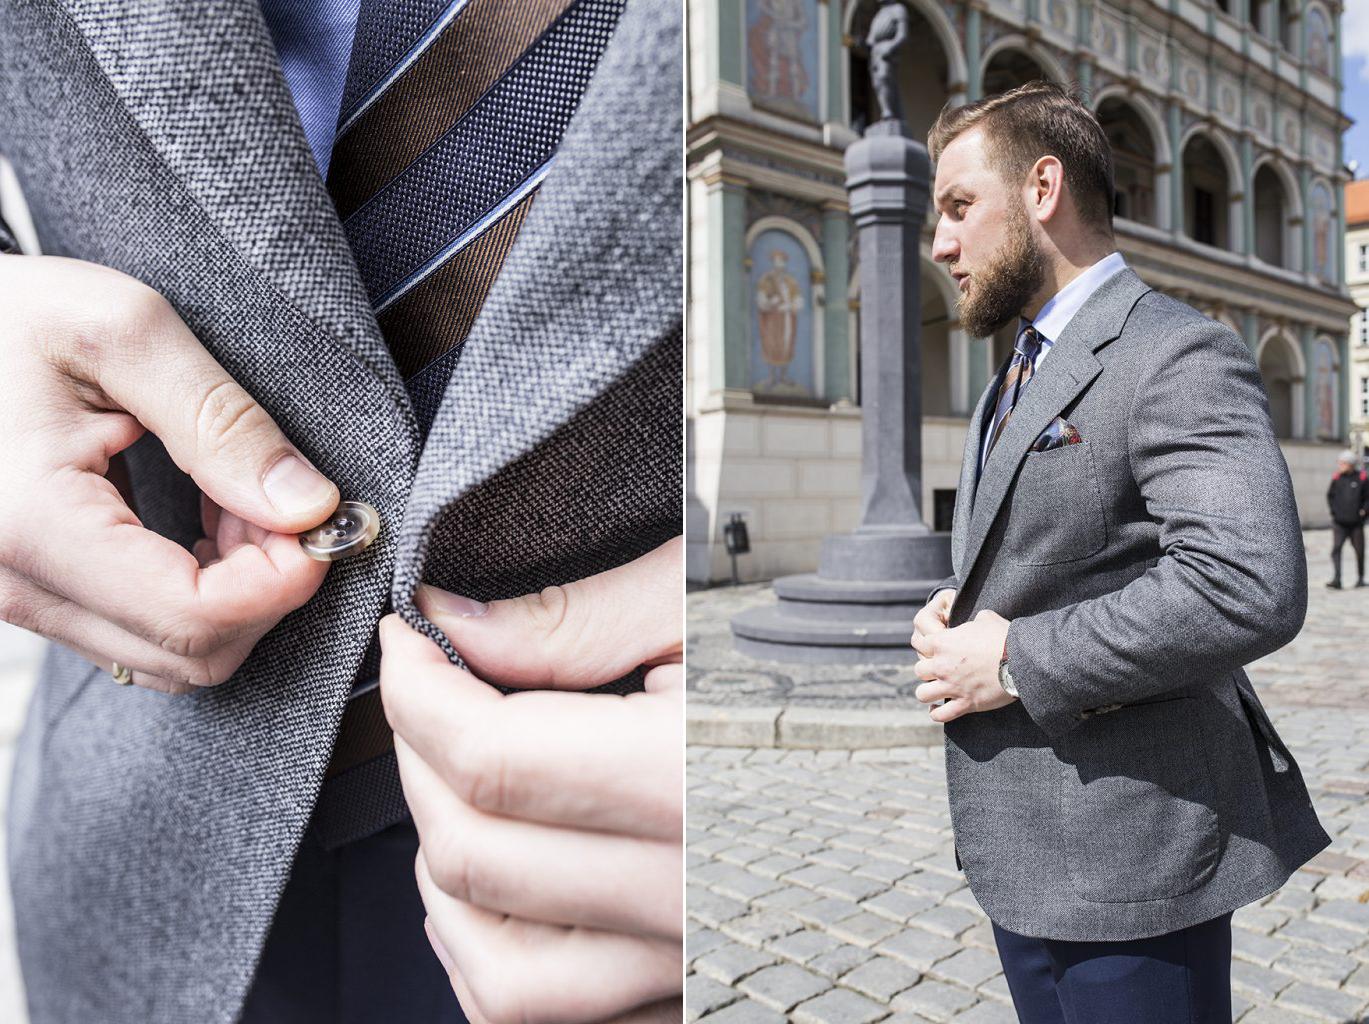 spodnie-na-szelki-zestaw-koordynowany-blekitna-koszula-miler-menswear(10)